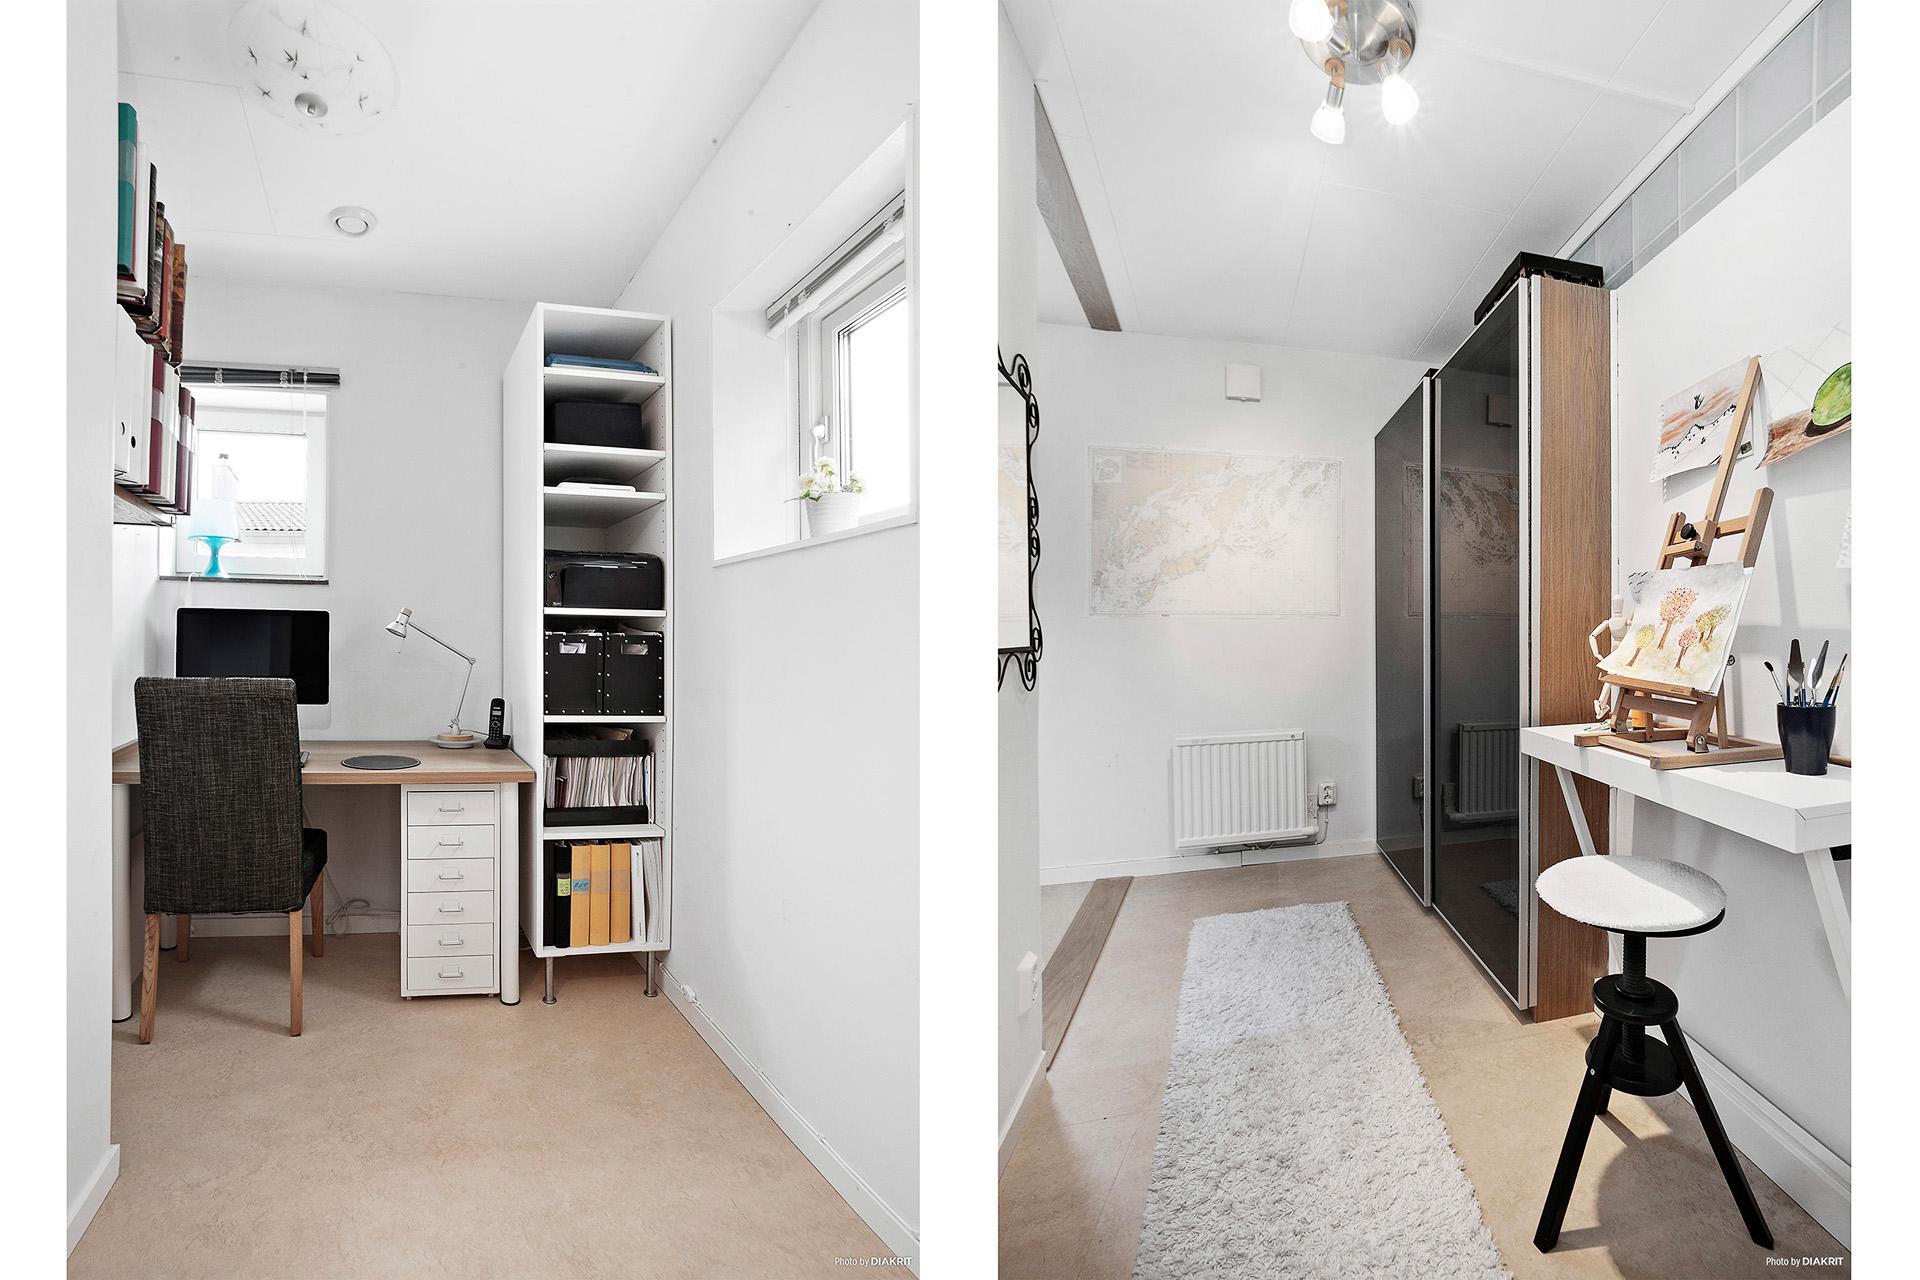 Ombyggt rum där klädkammaren eller kontoret ryms